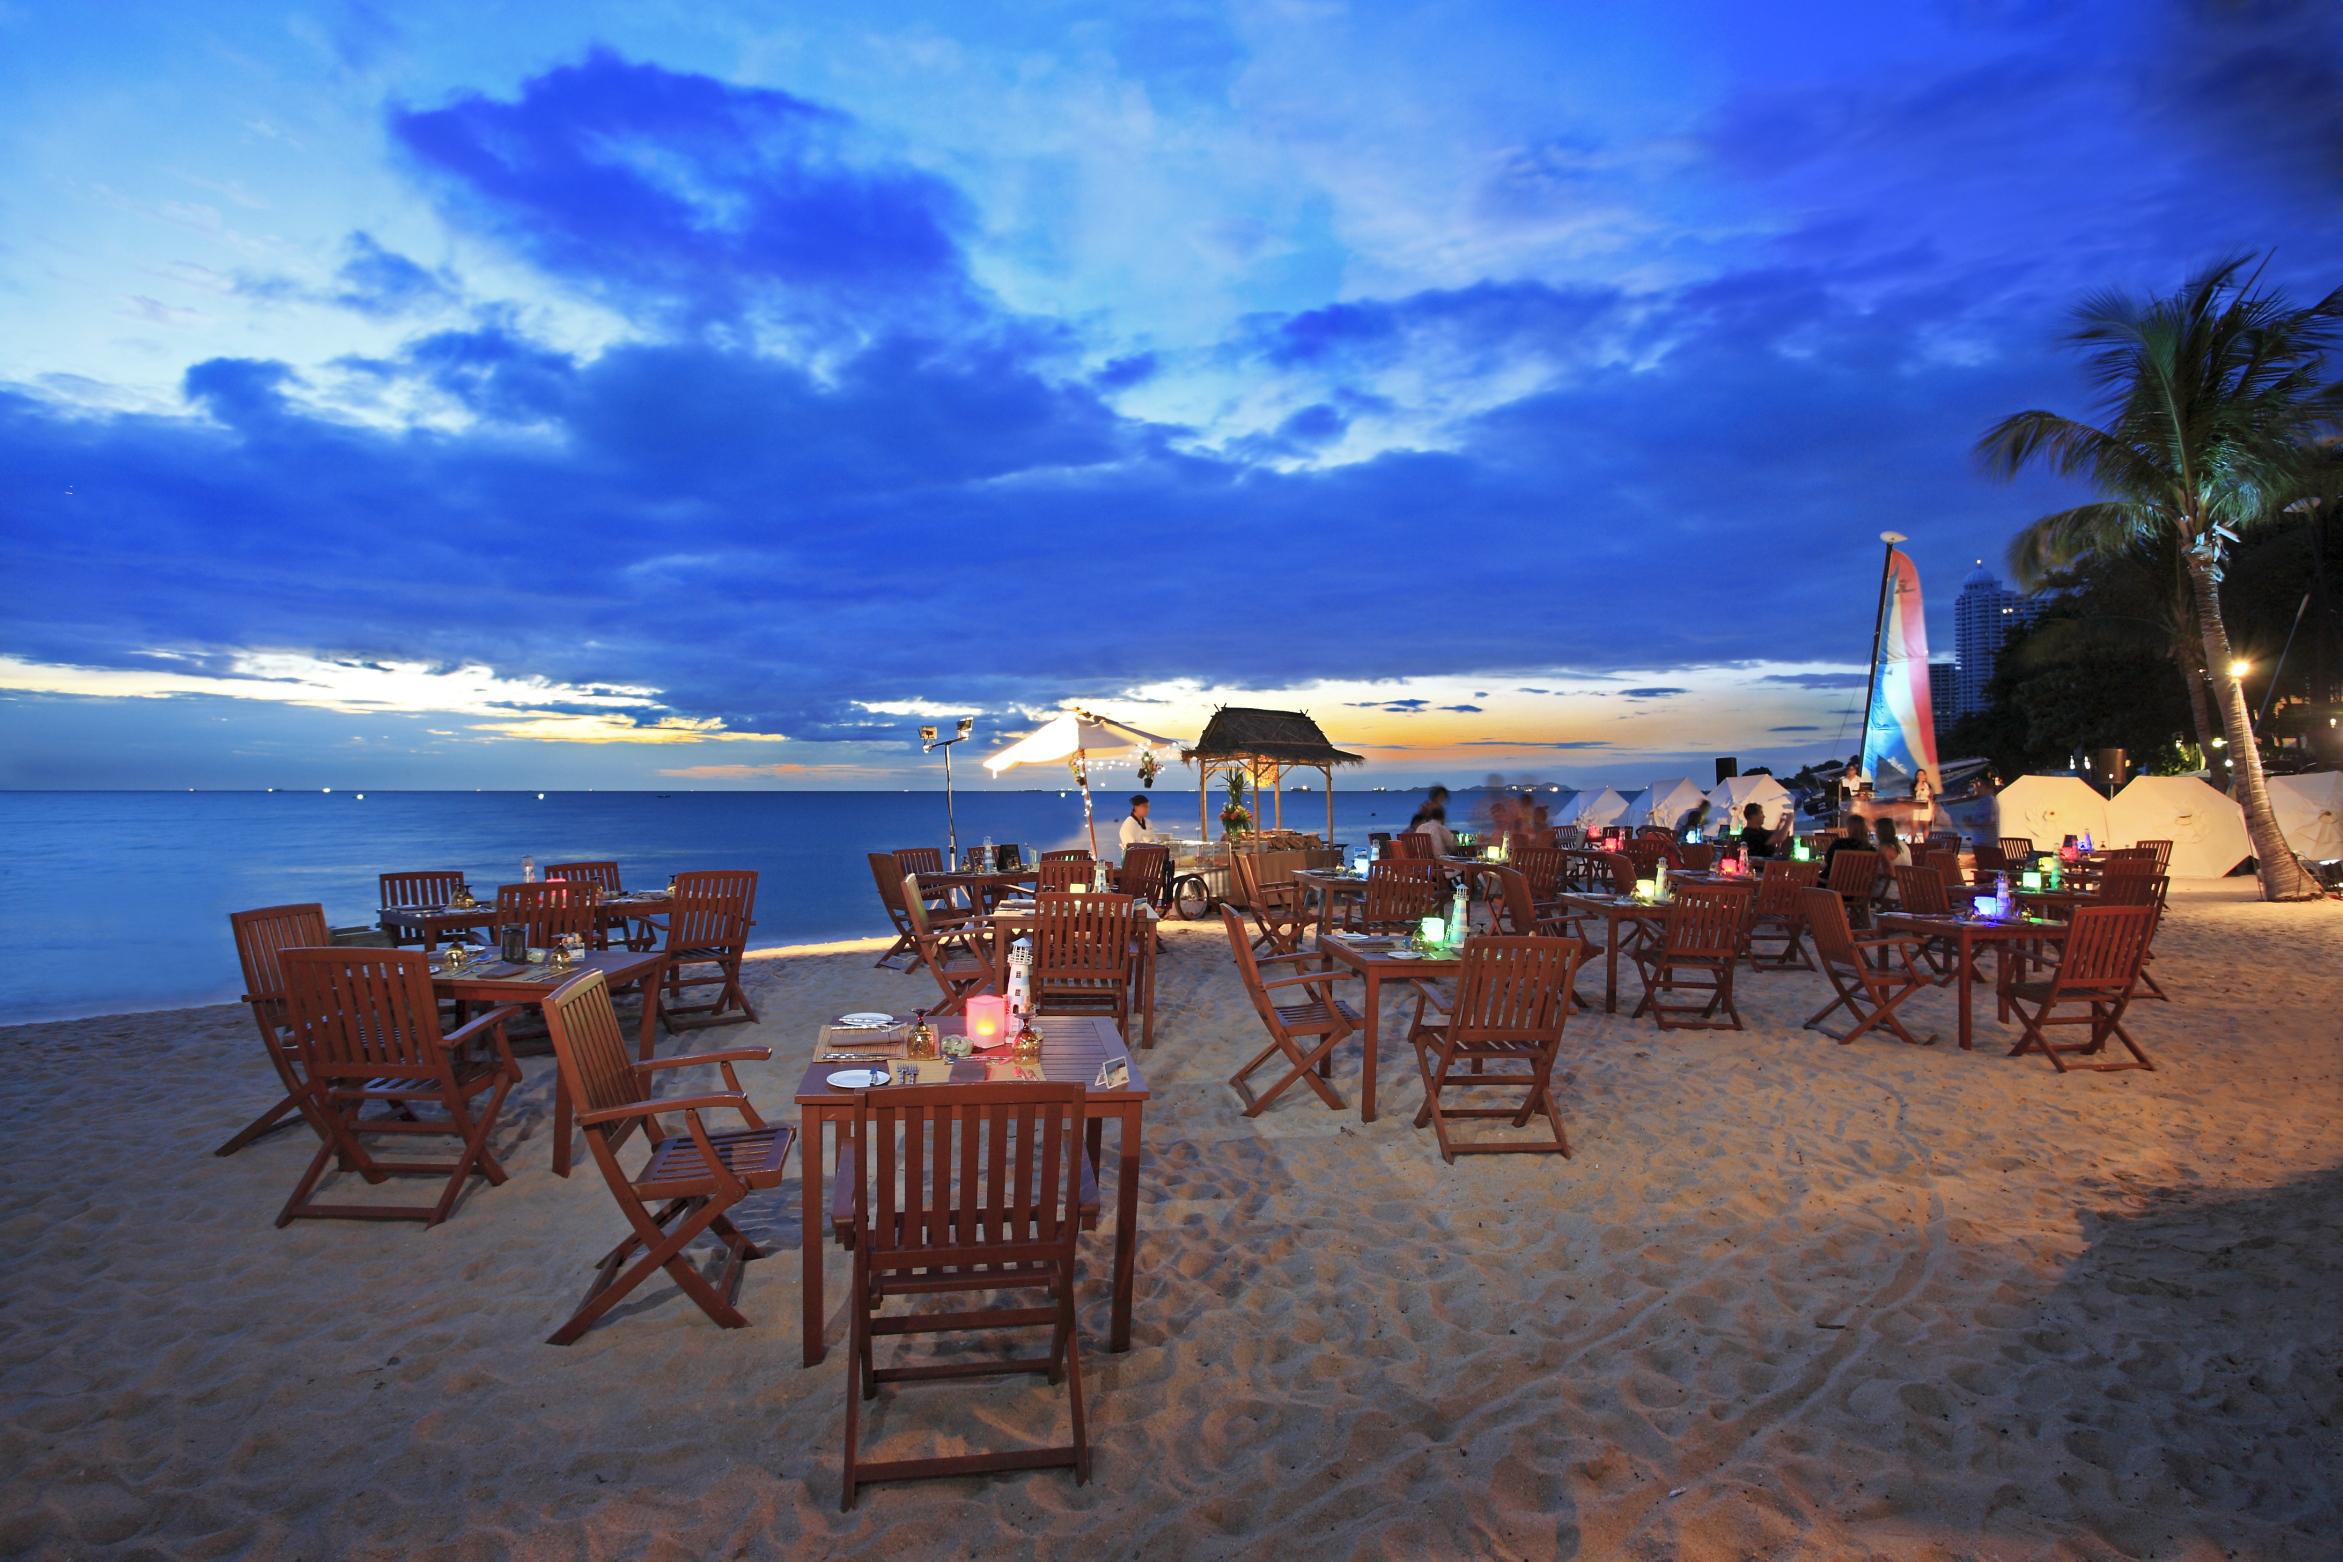 A One Pattaya Beach Resort Review